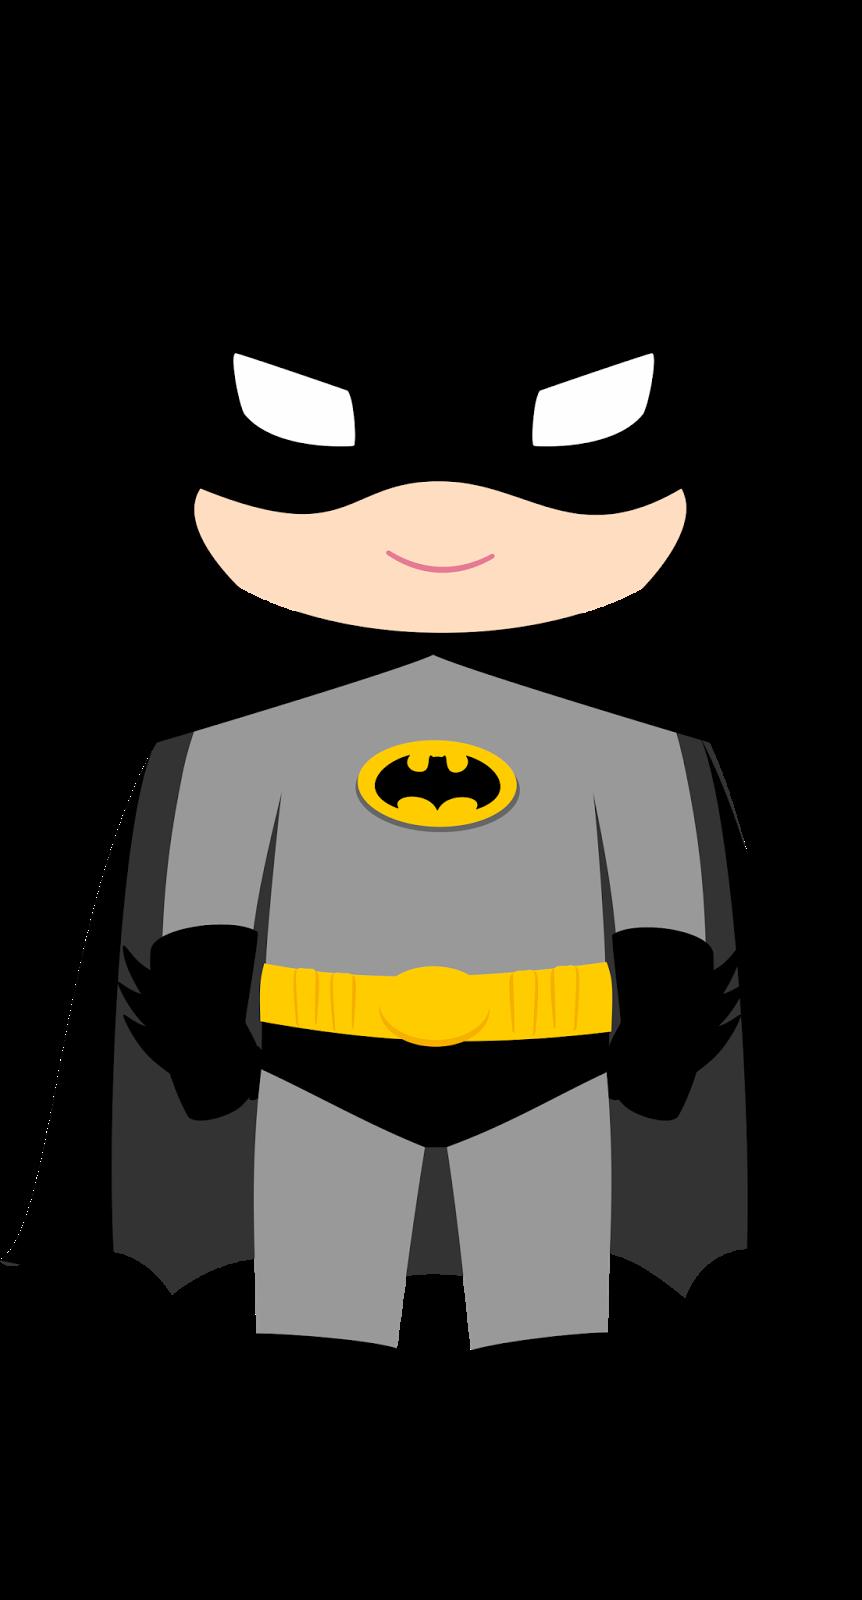 Pin von Lorena Queen auf Batman | Pinterest | Die fledermaus, Leo ...